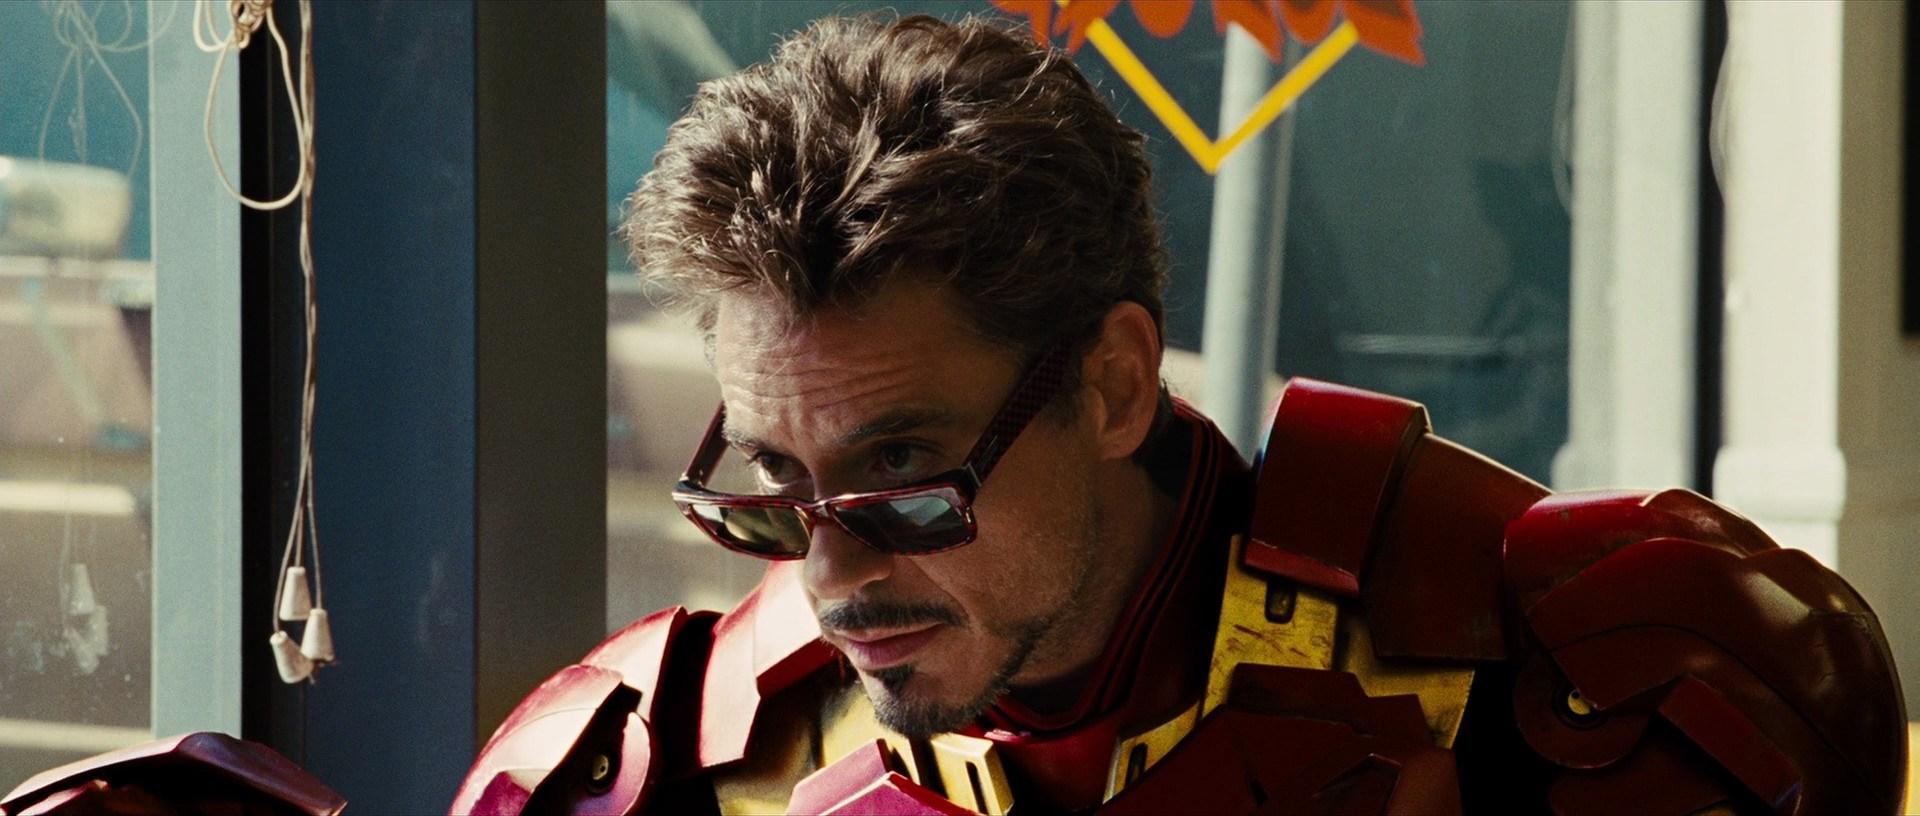 File:Iron-man-20091011-tony-stark-in-suit.jpg